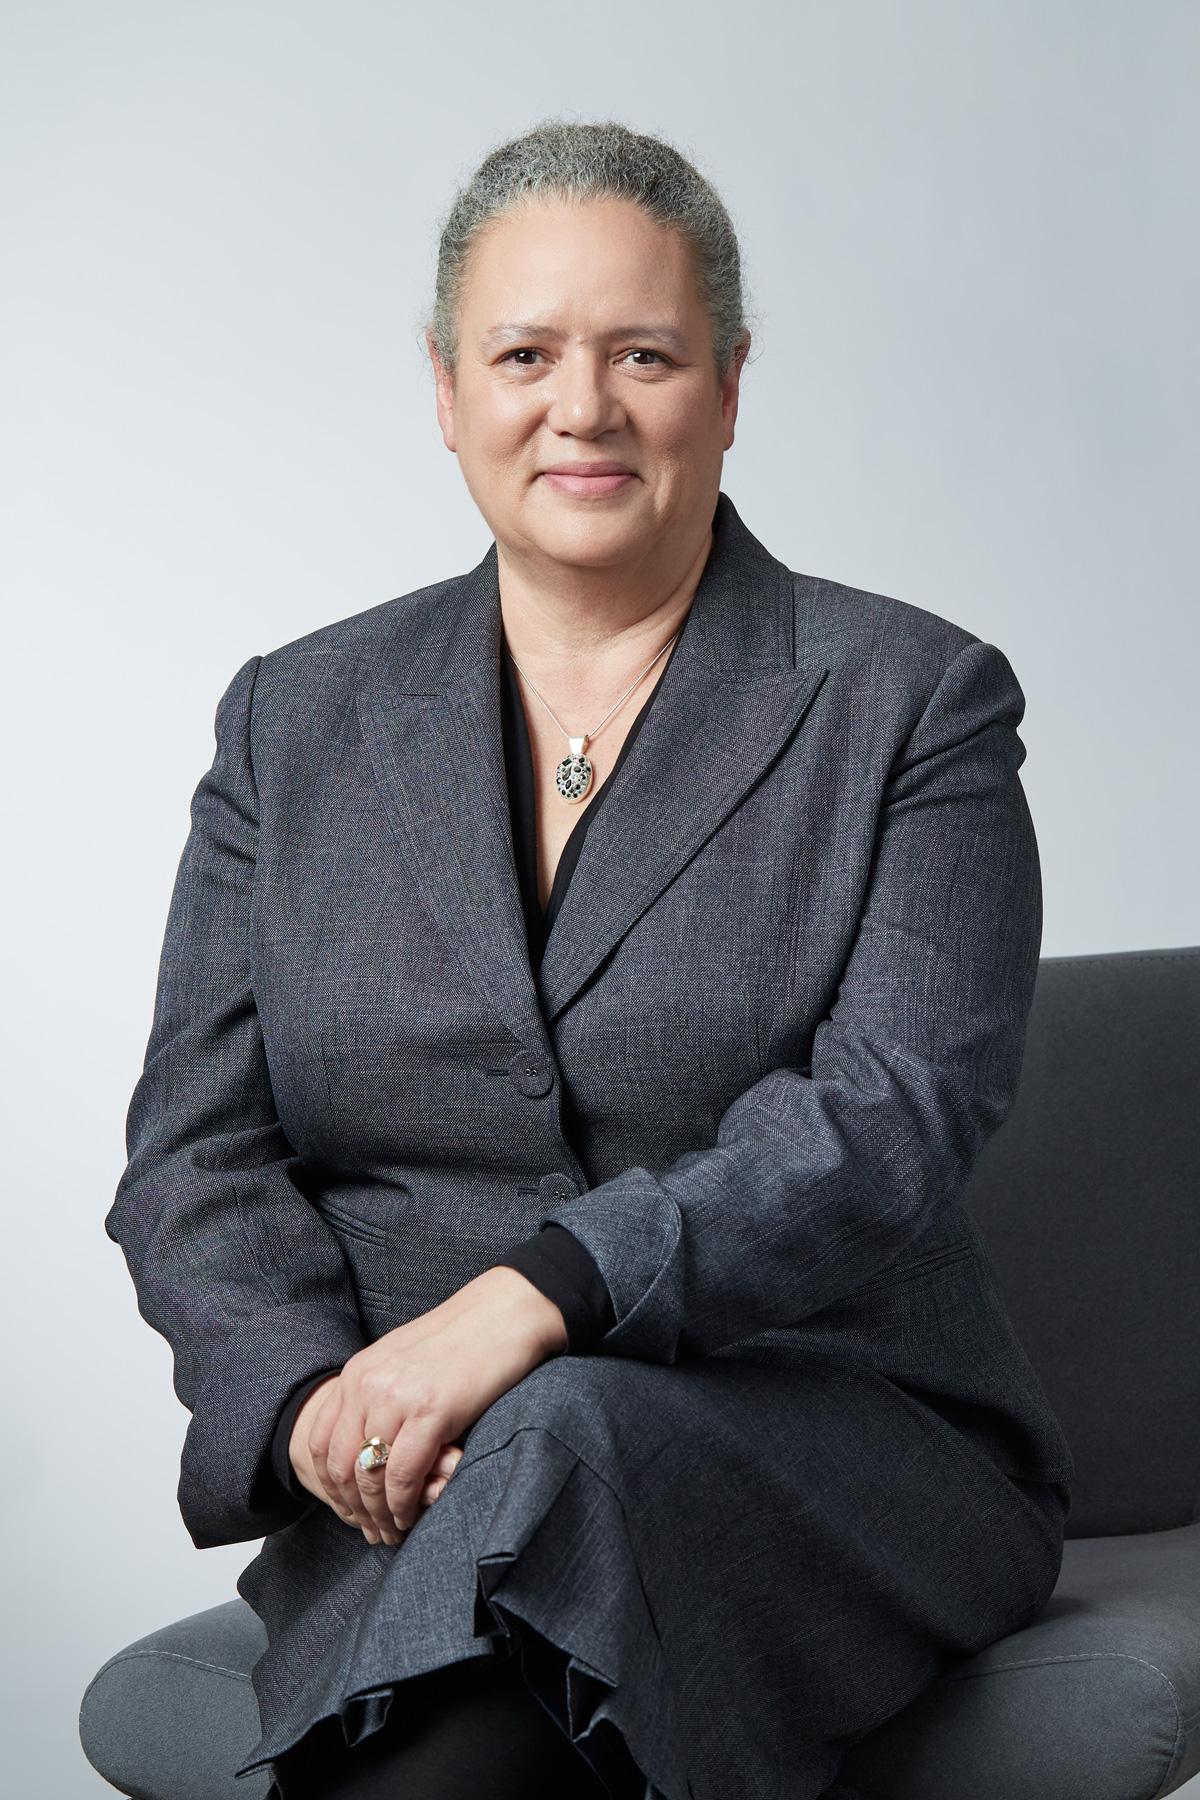 Tanya Babalow